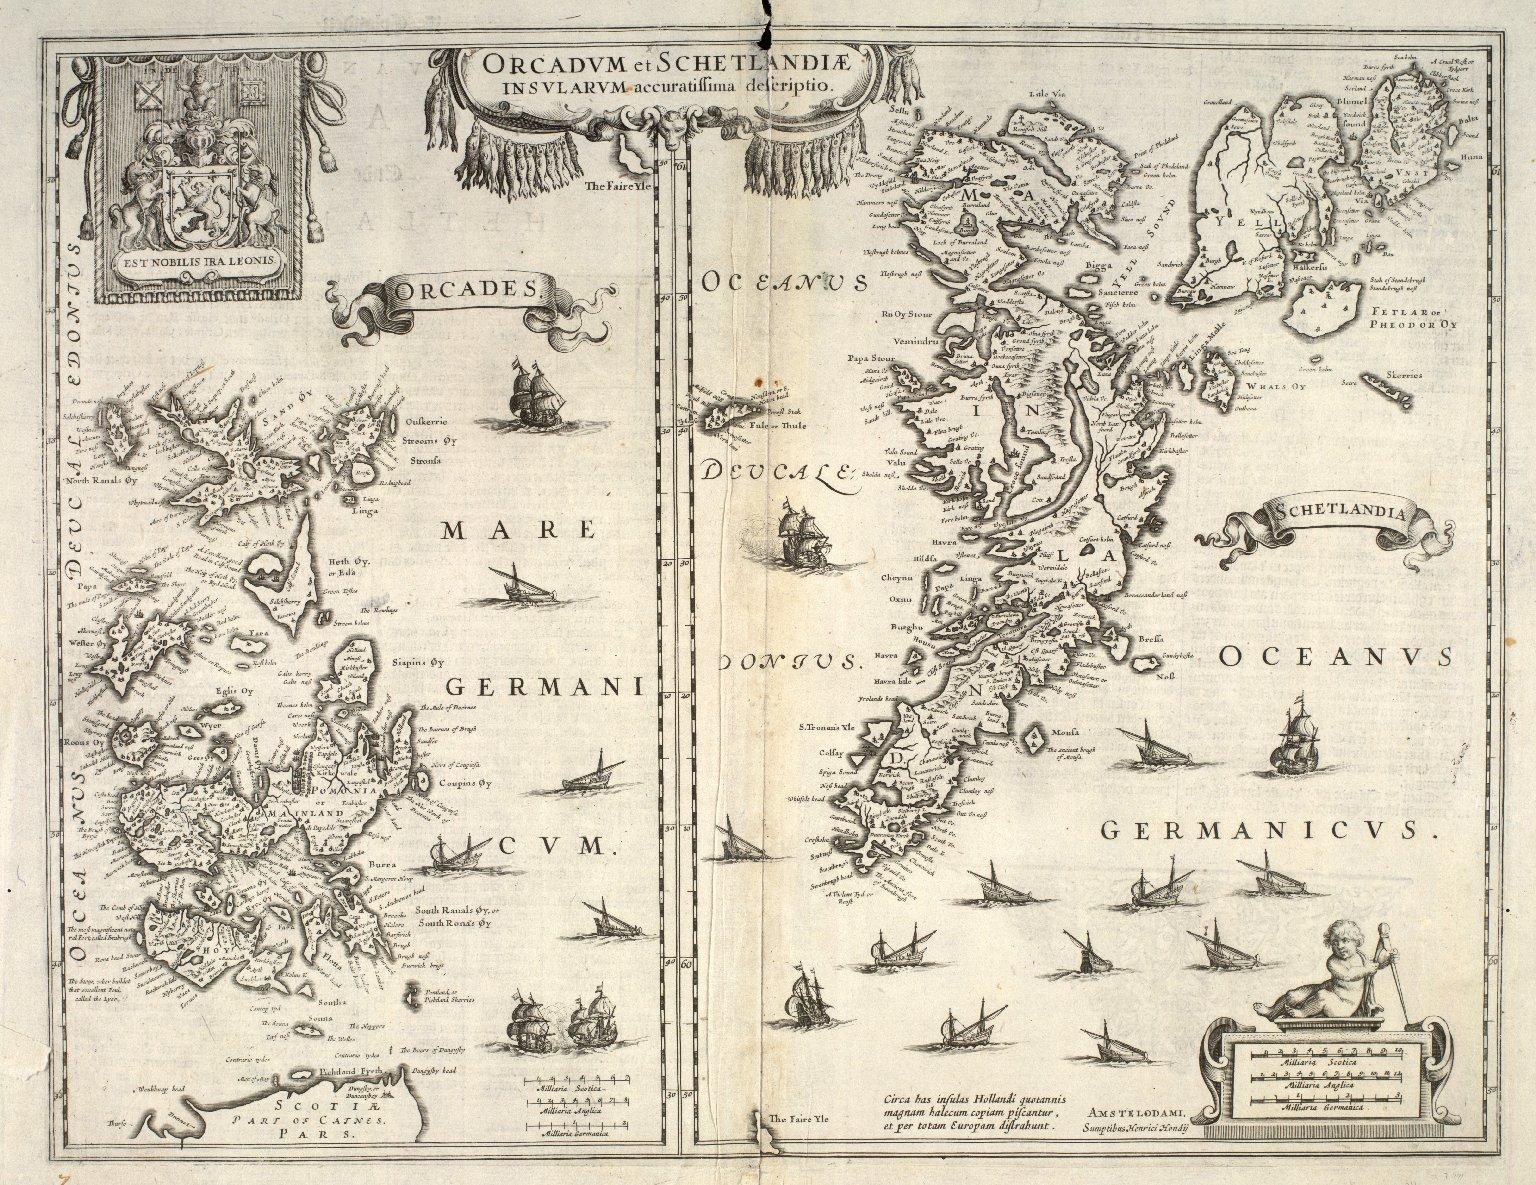 Orcadum et Shetlandiae insularum accuratissima descriptio. [1 of 2]